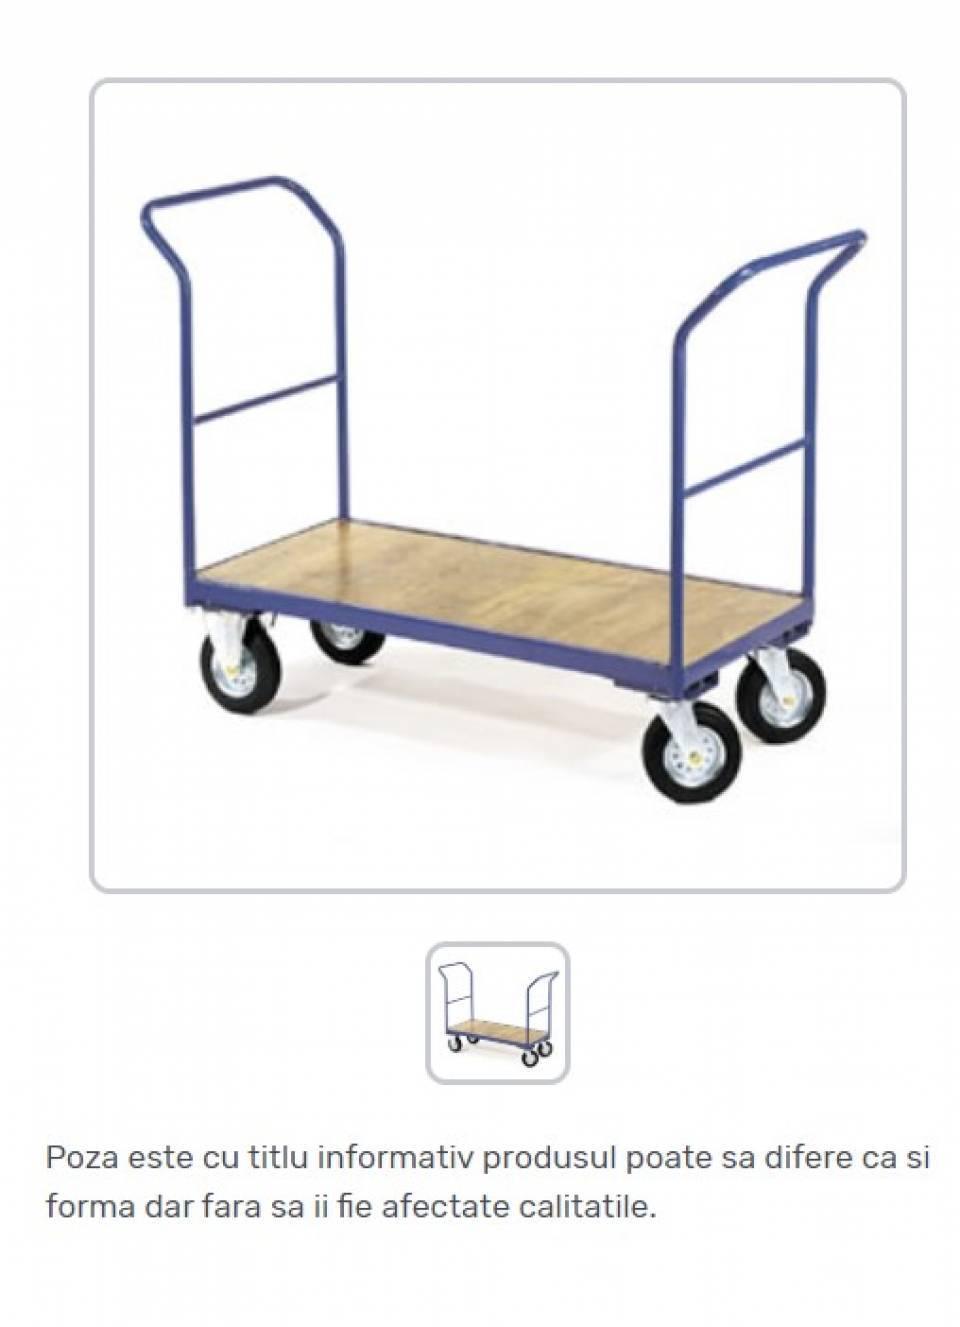 Cărucioare industriale pentru transport42173